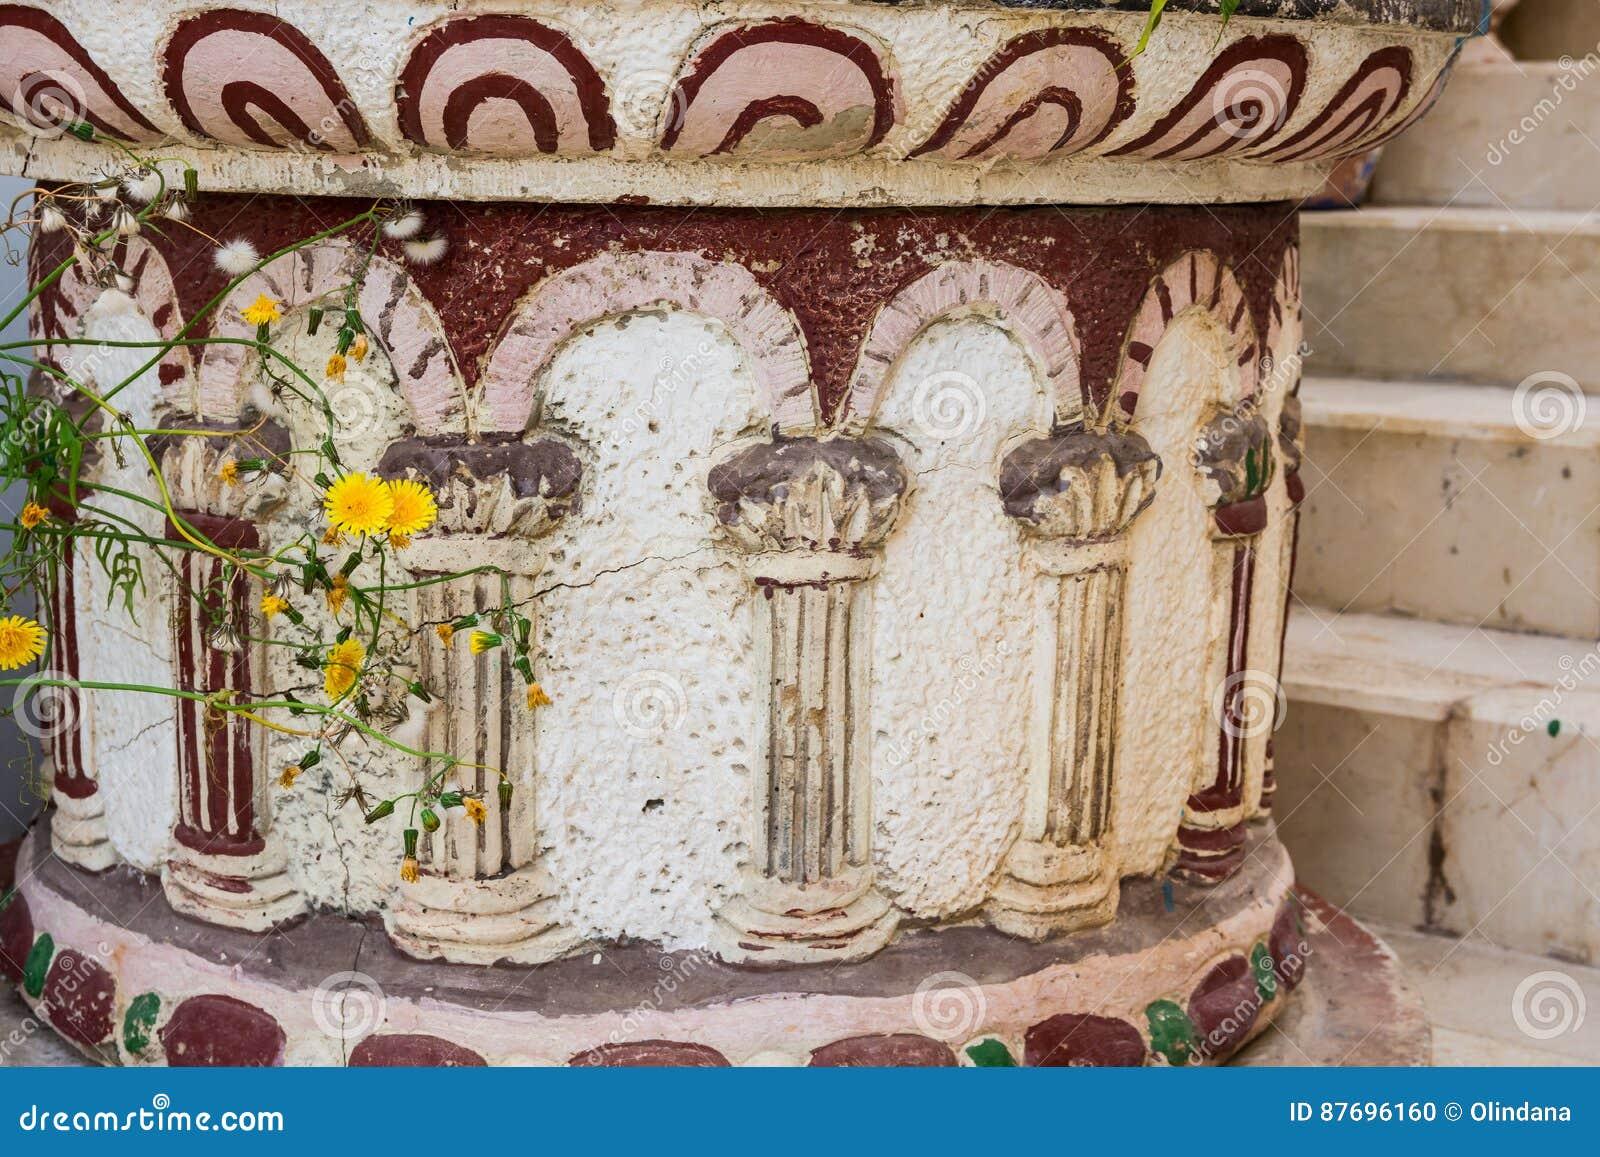 Античный каменный цветочный горшок пола в греческом или римском стиле с орнаментом штендера